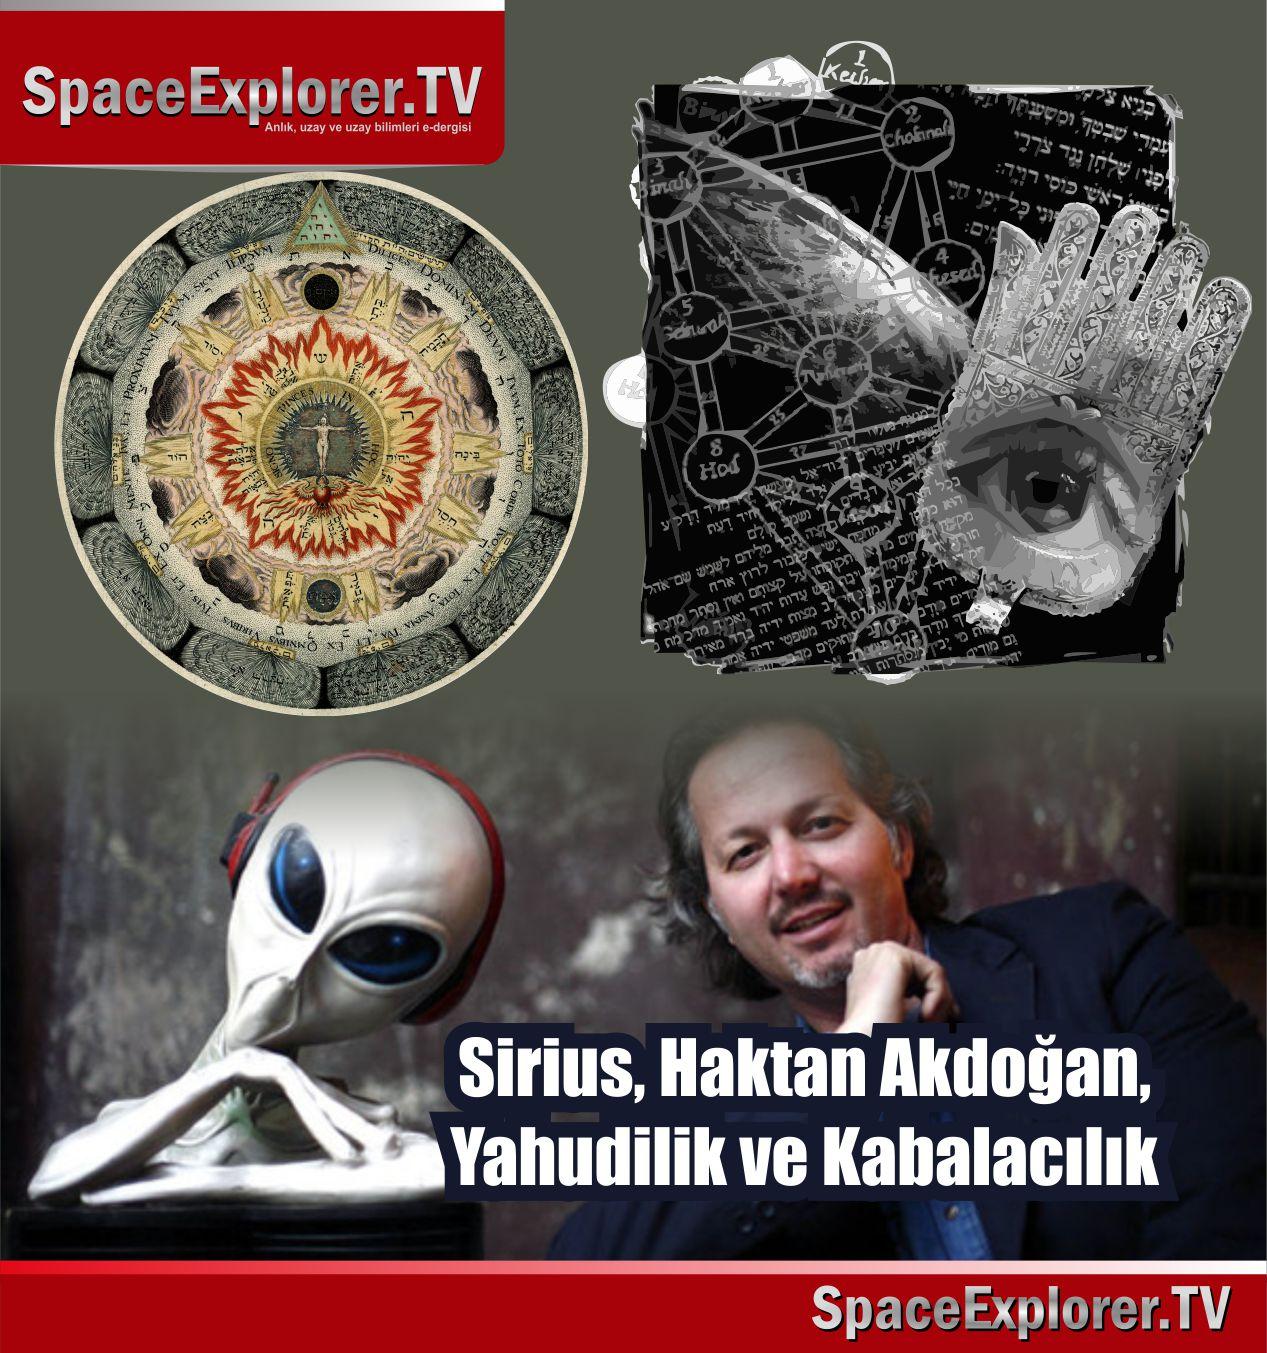 Bozulmuş İncil, Bozulmuş Tevrat, Gizli Yahudiler, Haktan Akdoğan, Kabala, Sapkın uzaylı dinleri, Sapkın uzaylı tarikatları, Sirius UFO ve Uzay Bilimleri, Vahdet-i Vücut, Yahudilik, new age tarikatları,